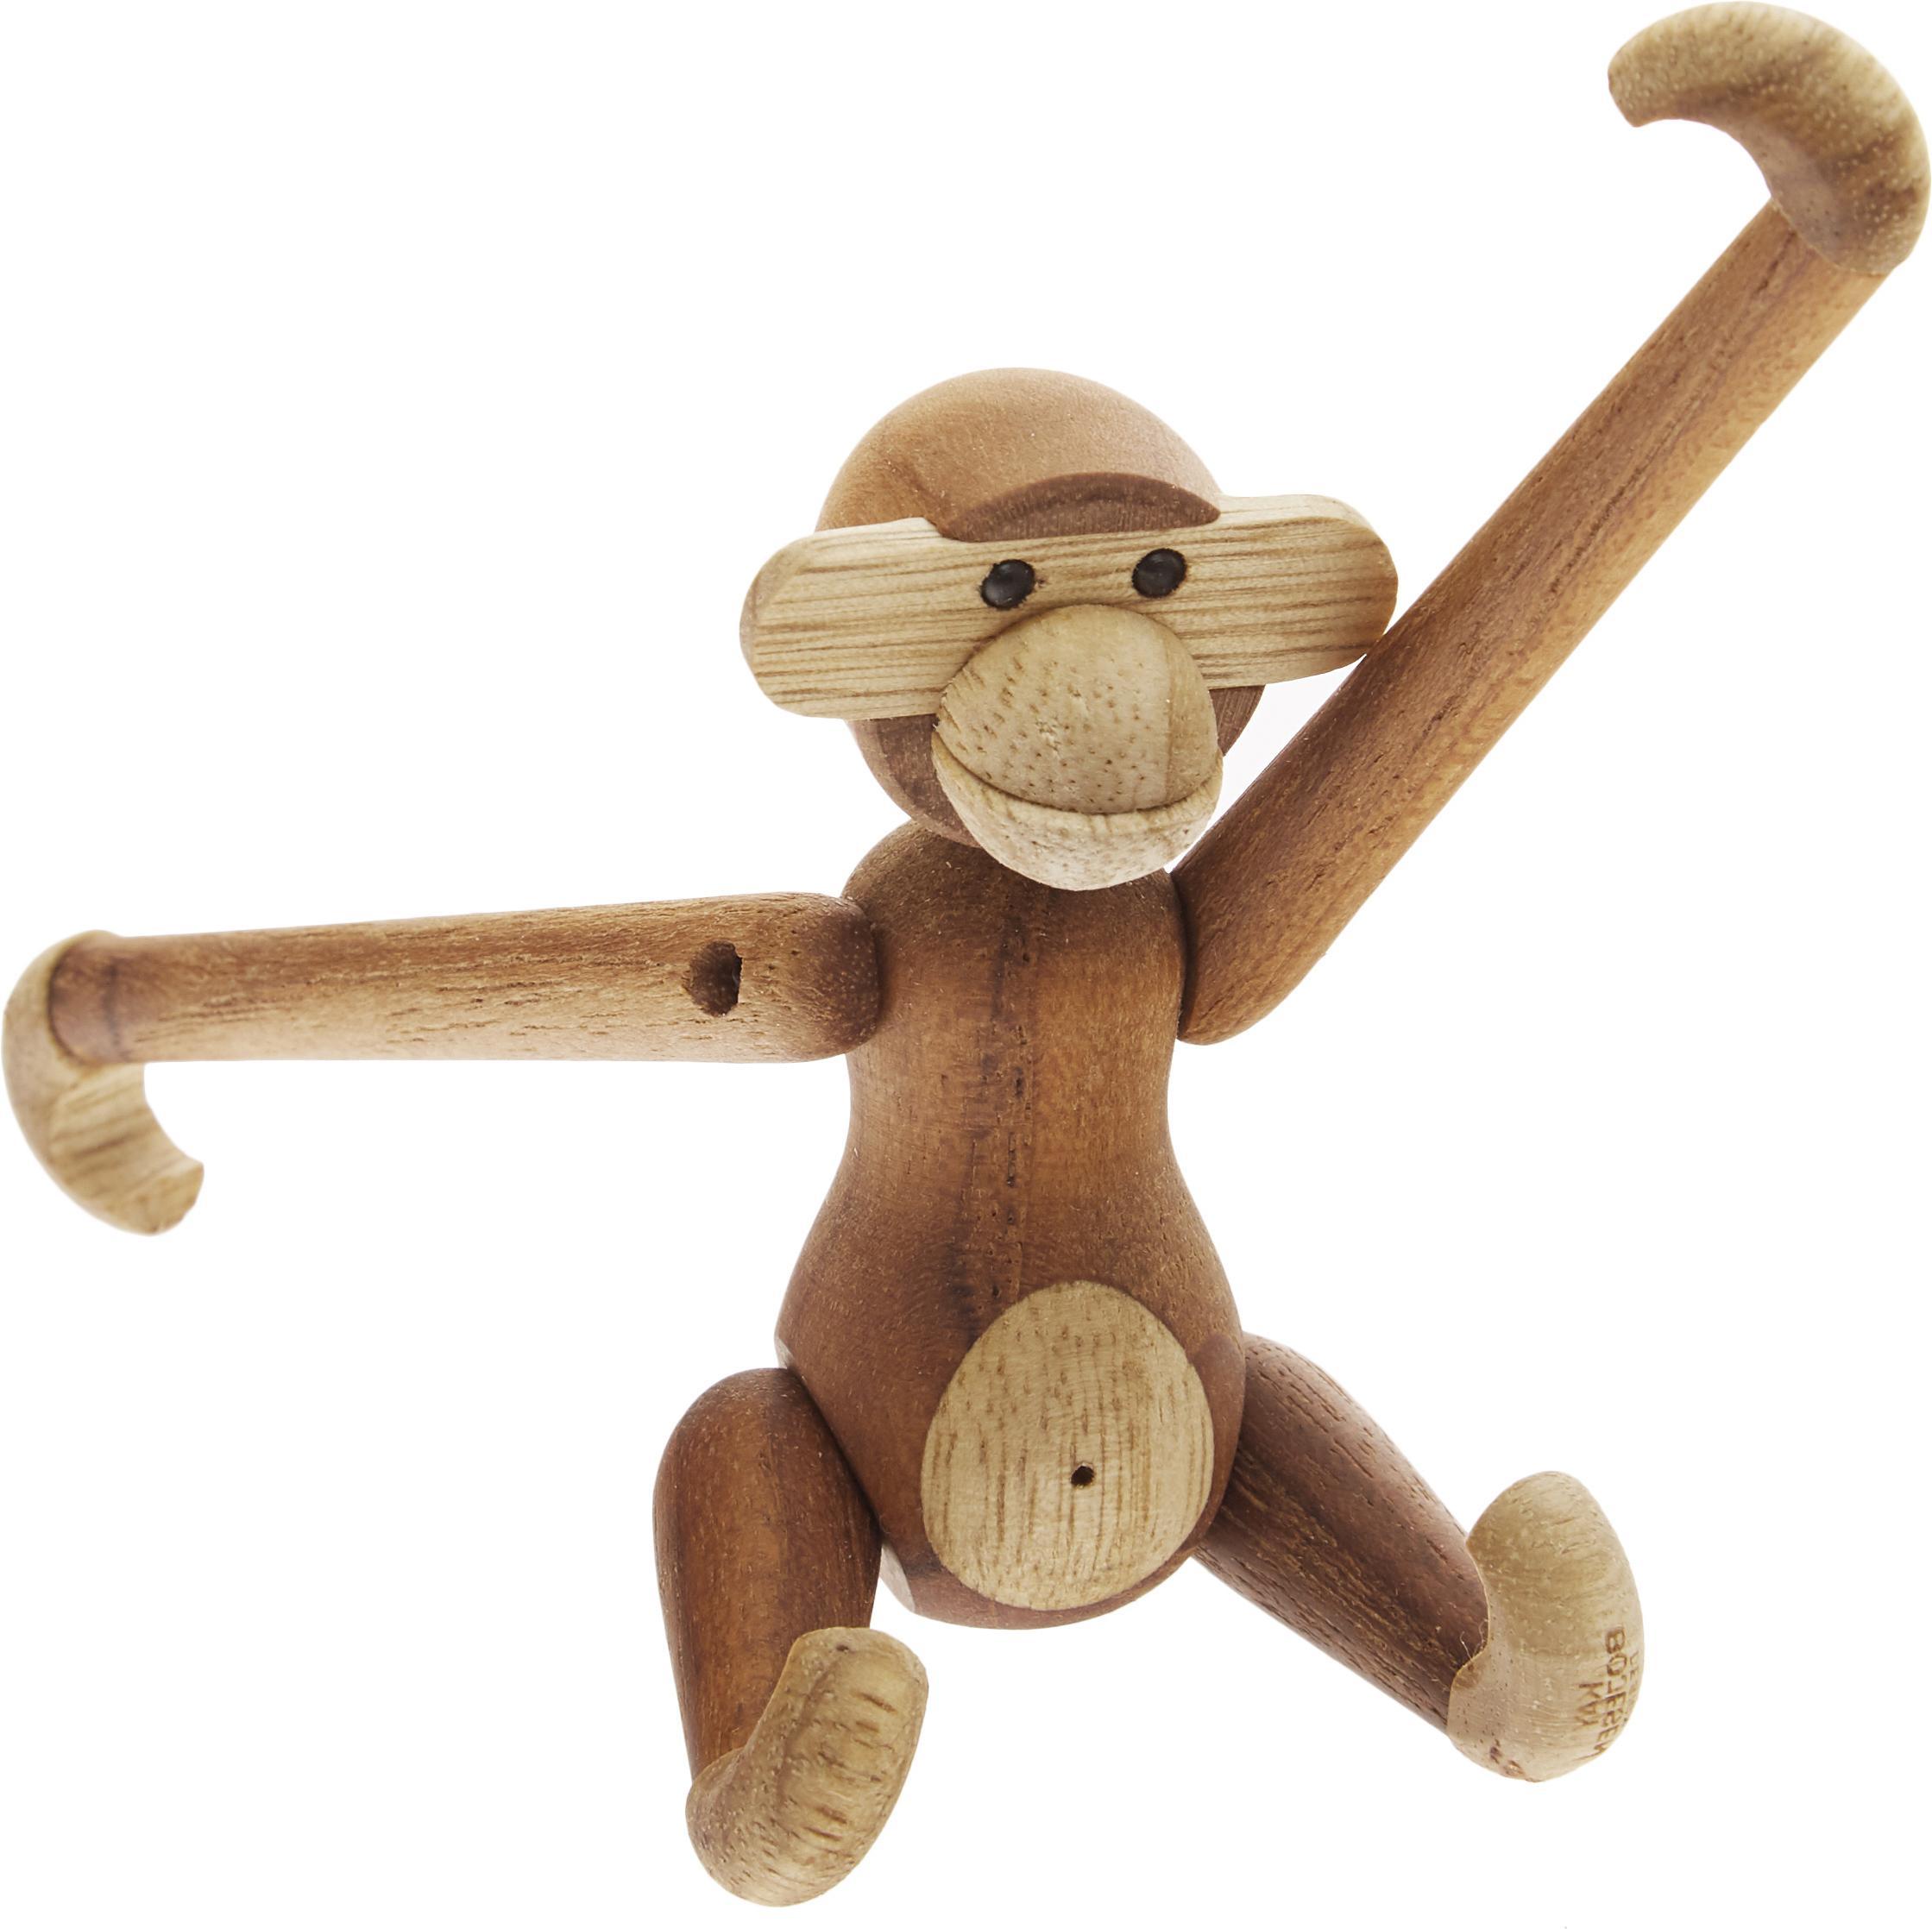 Oggetto decorativo in legno di teak Monkey, Legno di teak, legno di tiglio, verniciato, Legno di teak, legno di tiglio, Larg. 10 x Alt. 10 cm